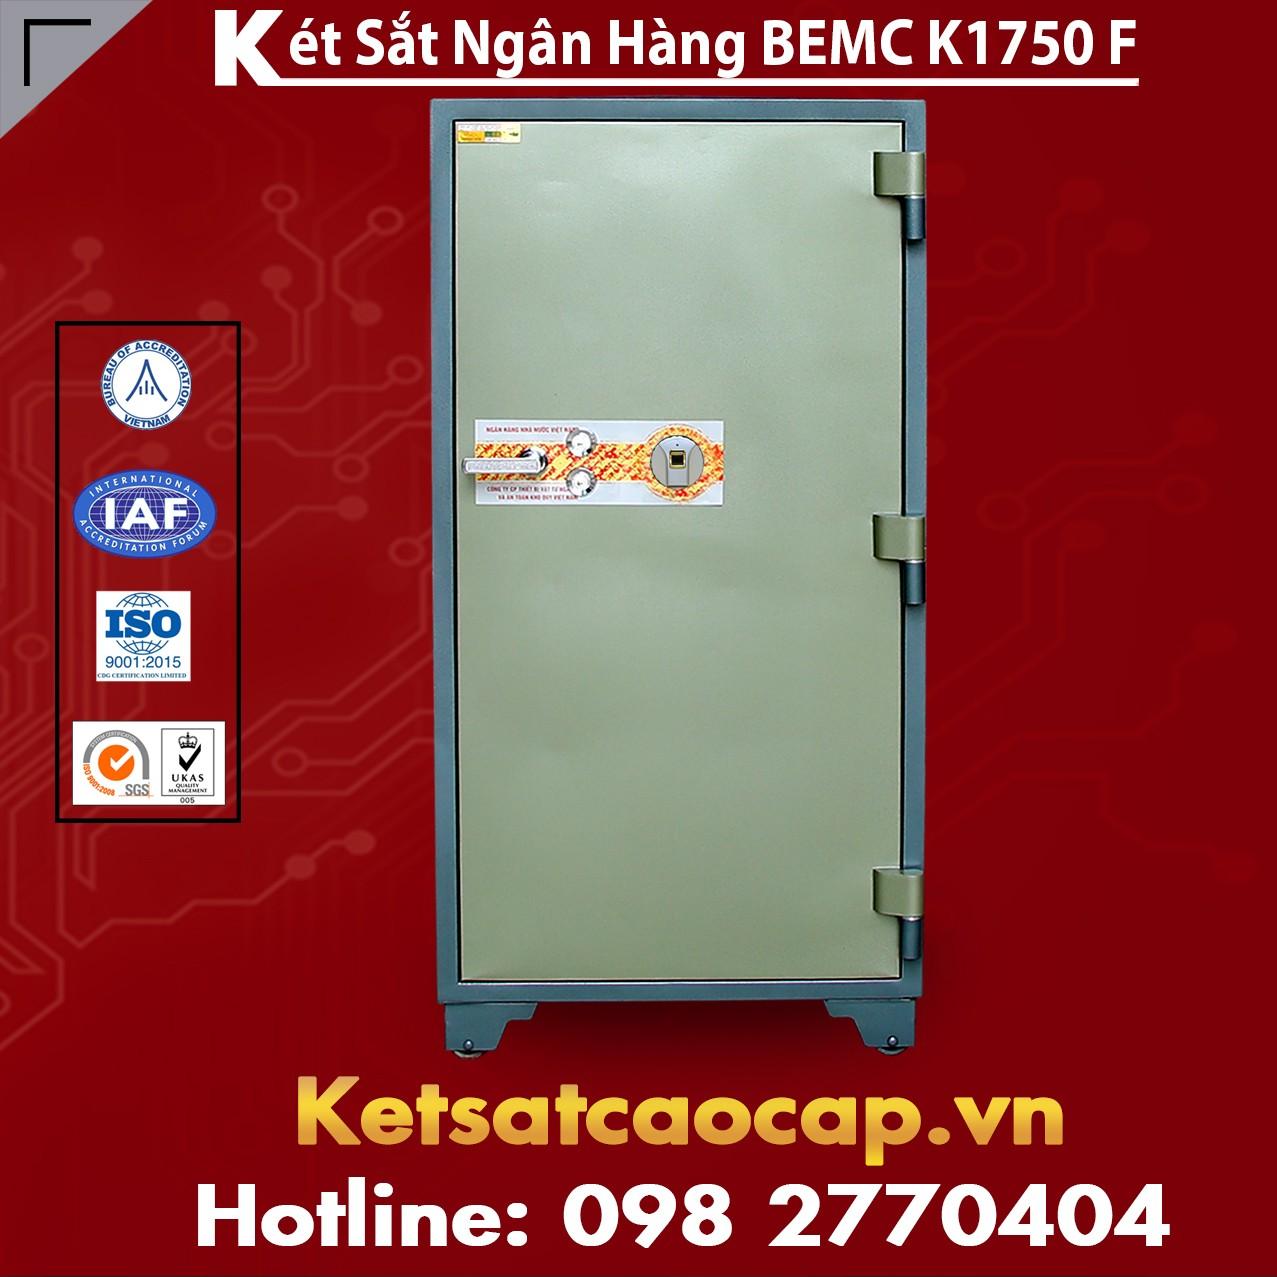 Két Sắt Vân Tay Bank Safes BEMC K1750 F Uy Tín Hàng Đầu tại Việt Nam